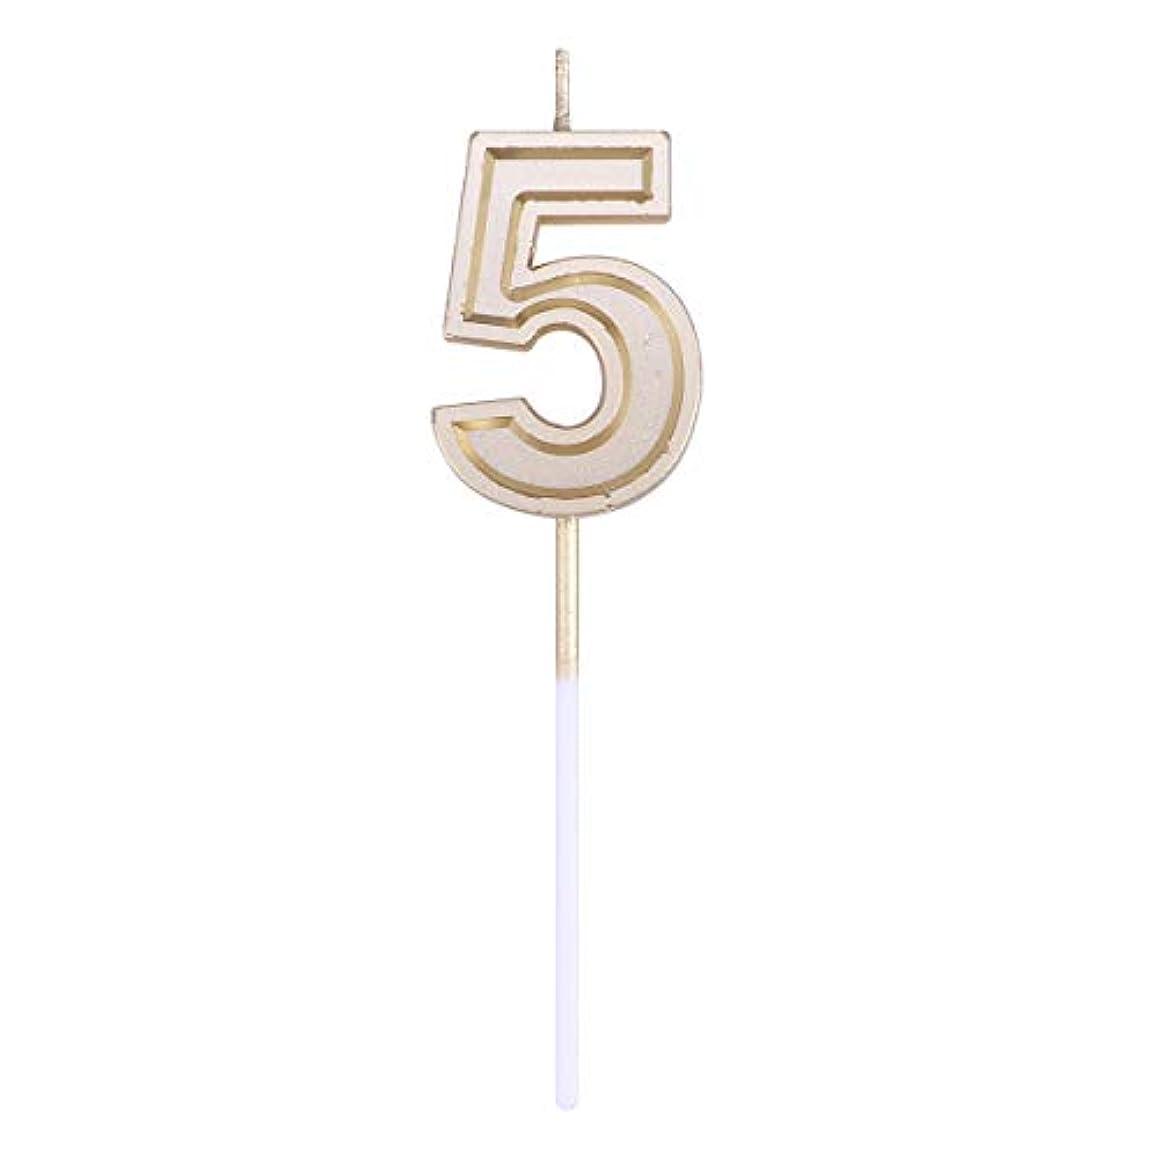 生態学正午有料Toyvian ゴールドラメ誕生日おめでとう数字キャンドル番号キャンドルケーキトッパー装飾用大人キッズパーティー(5)